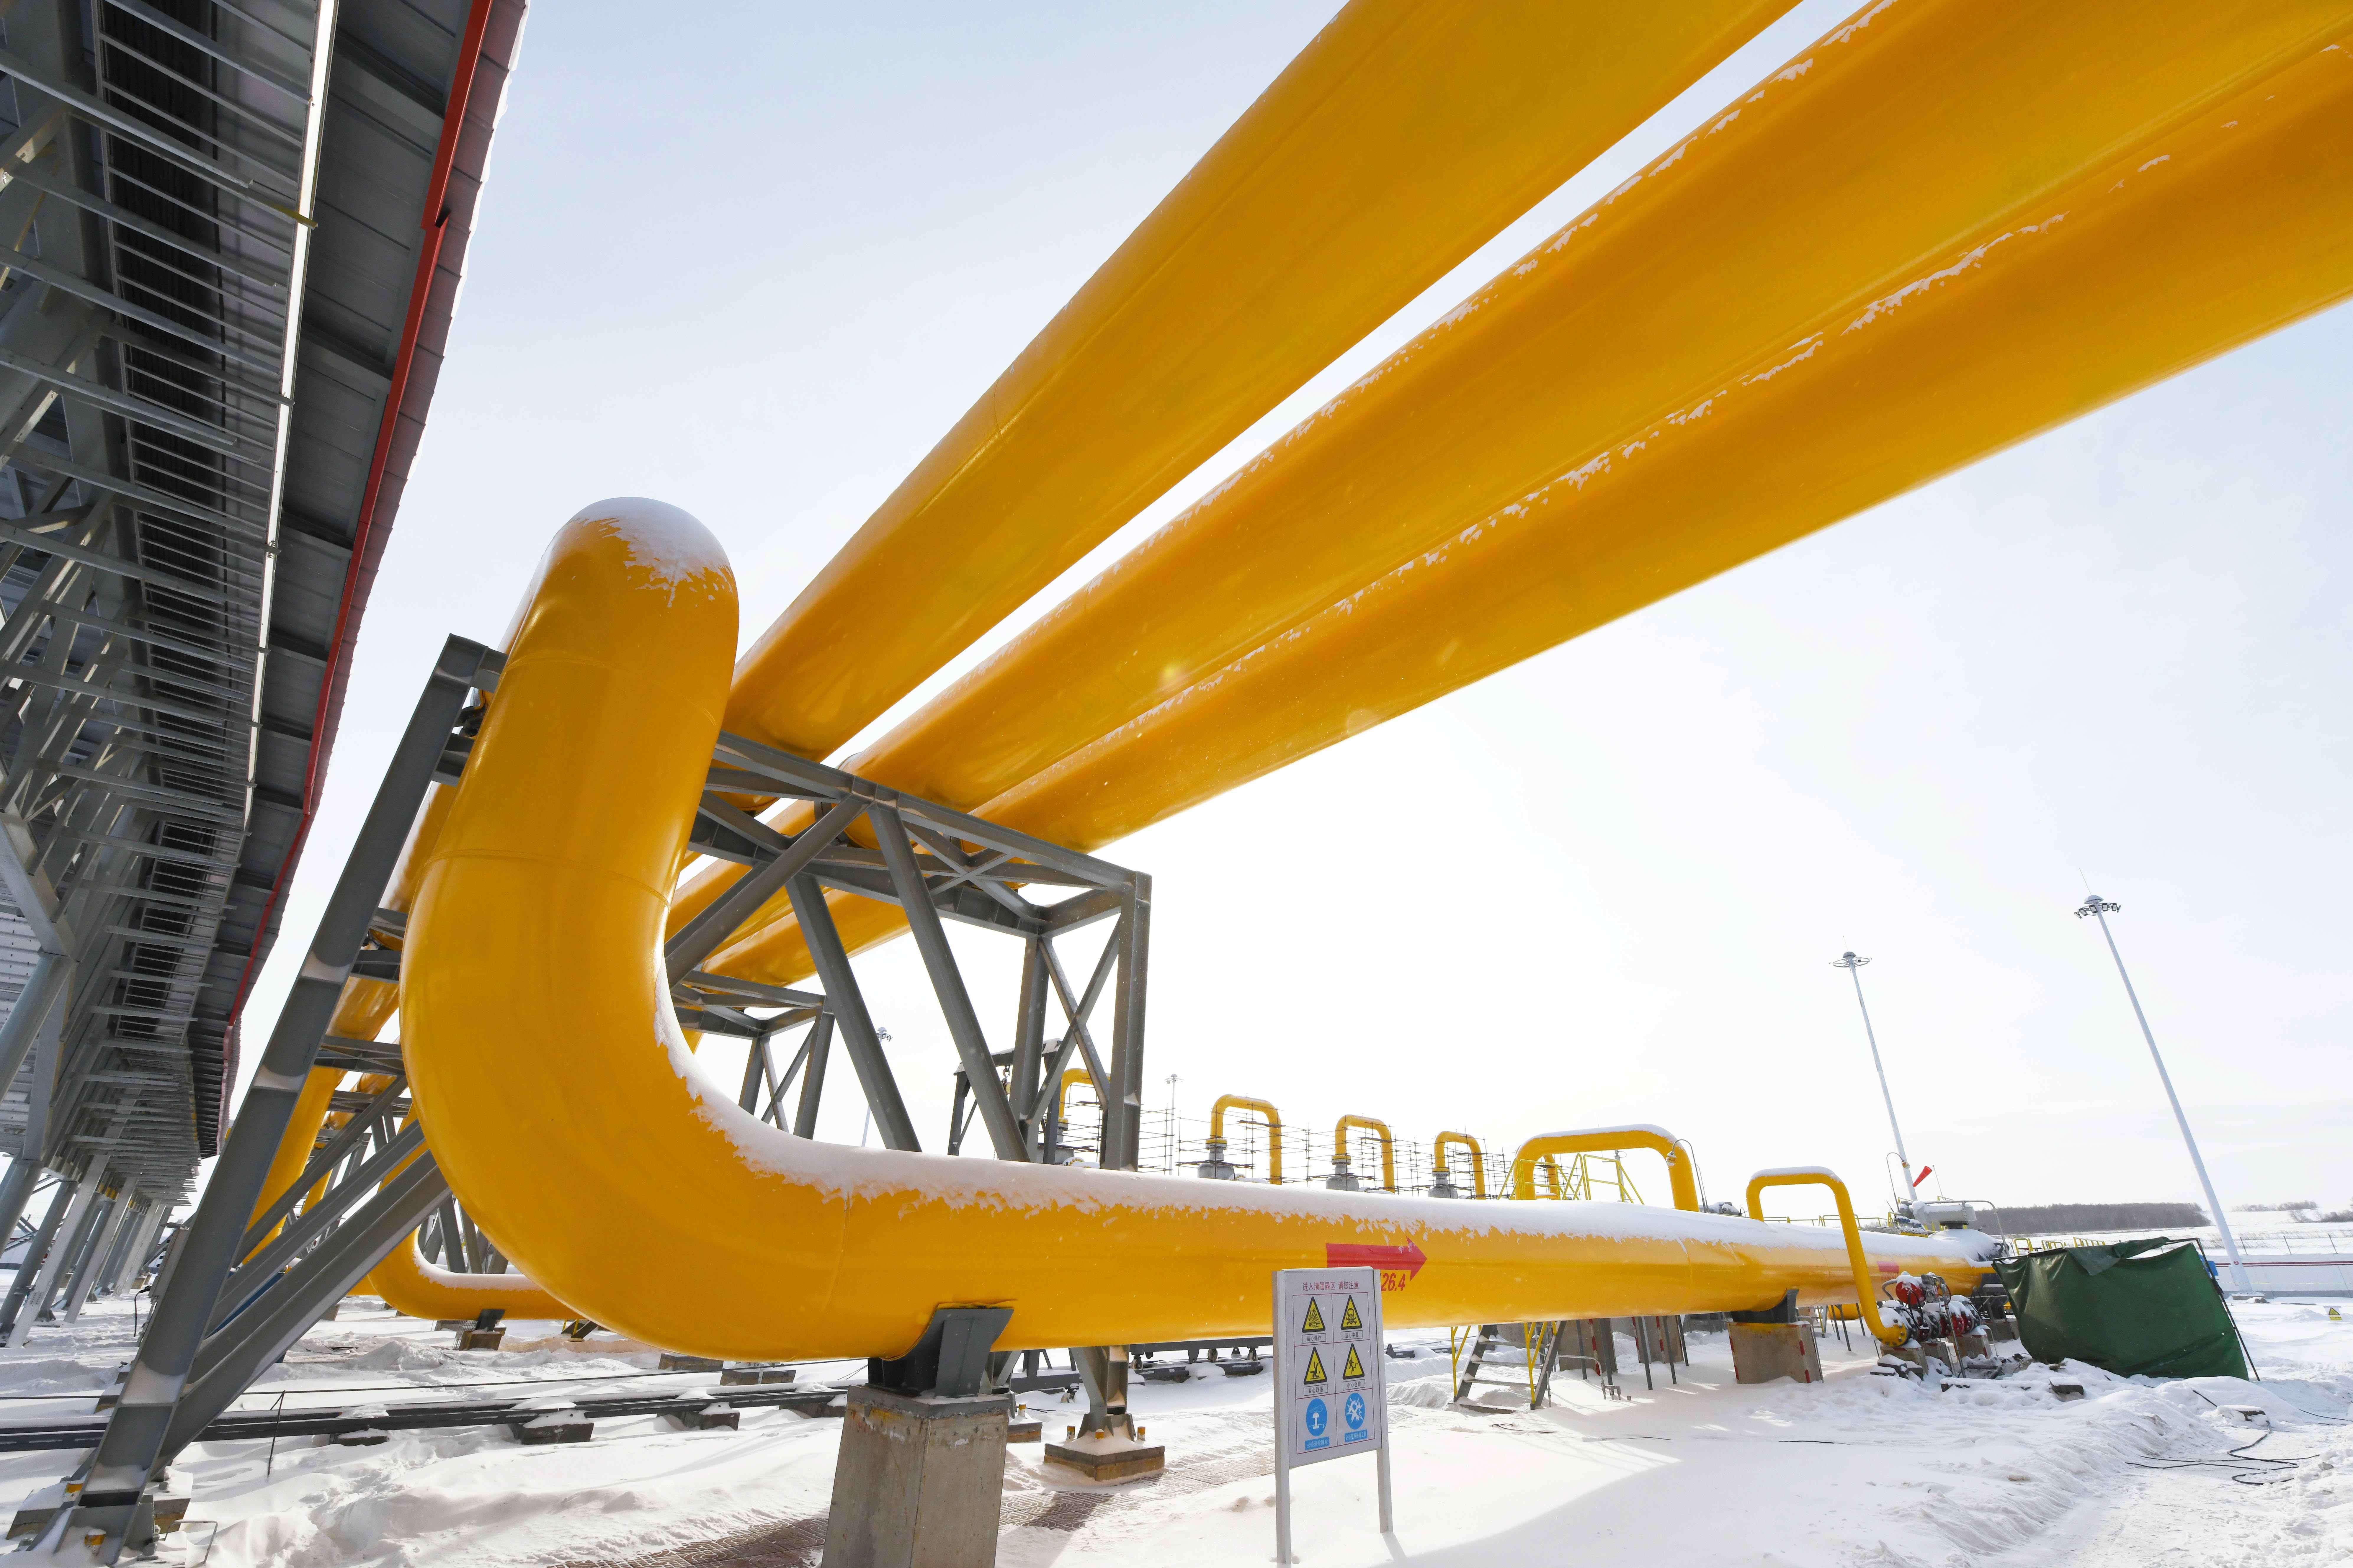 Wyrok Trybunału Arbitrażowego w Sztokholmie: PGNiG kontra Gazprom ws. cen gazu - Biznes - Forbes.pl